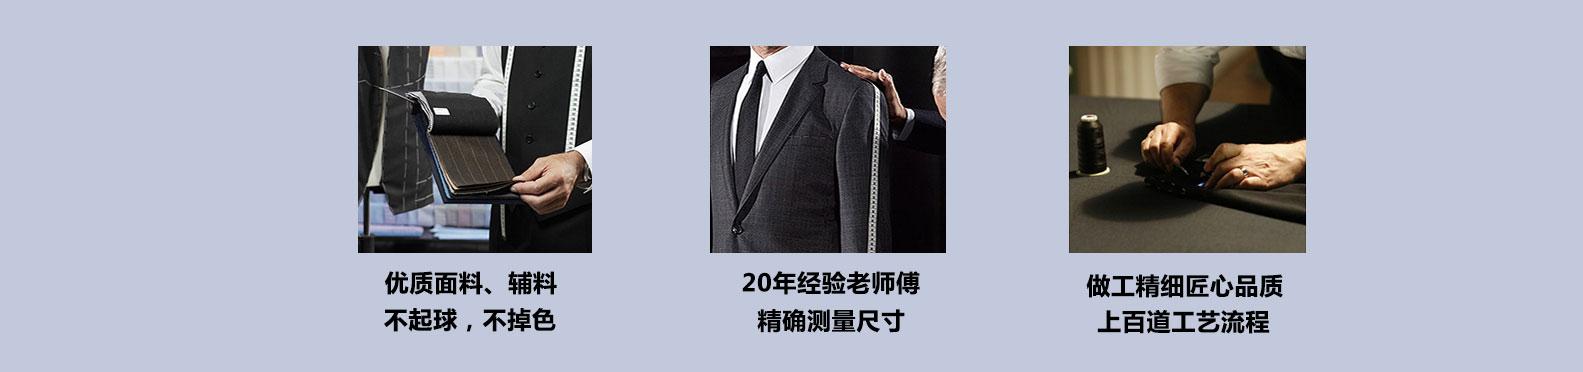 深圳工作服厂家